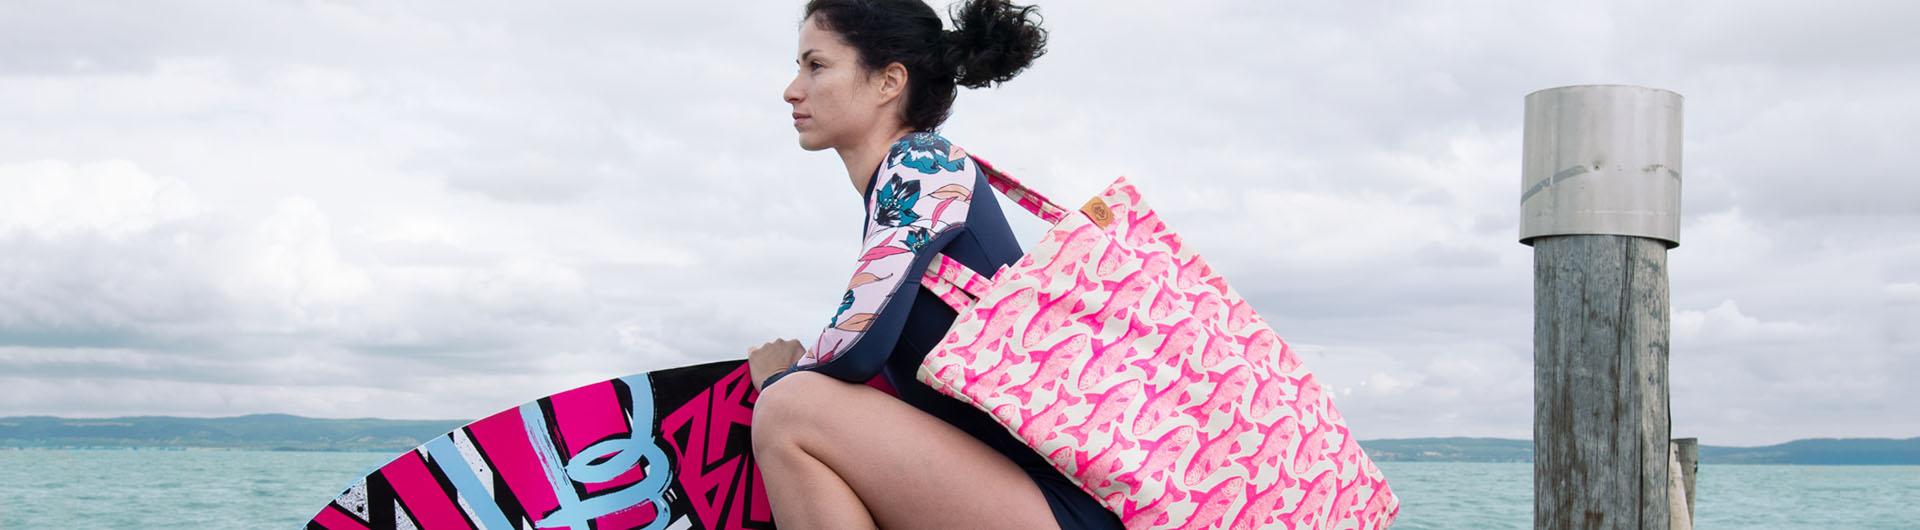 Plážová taška Beach ružová s rybičkami Time for Lime